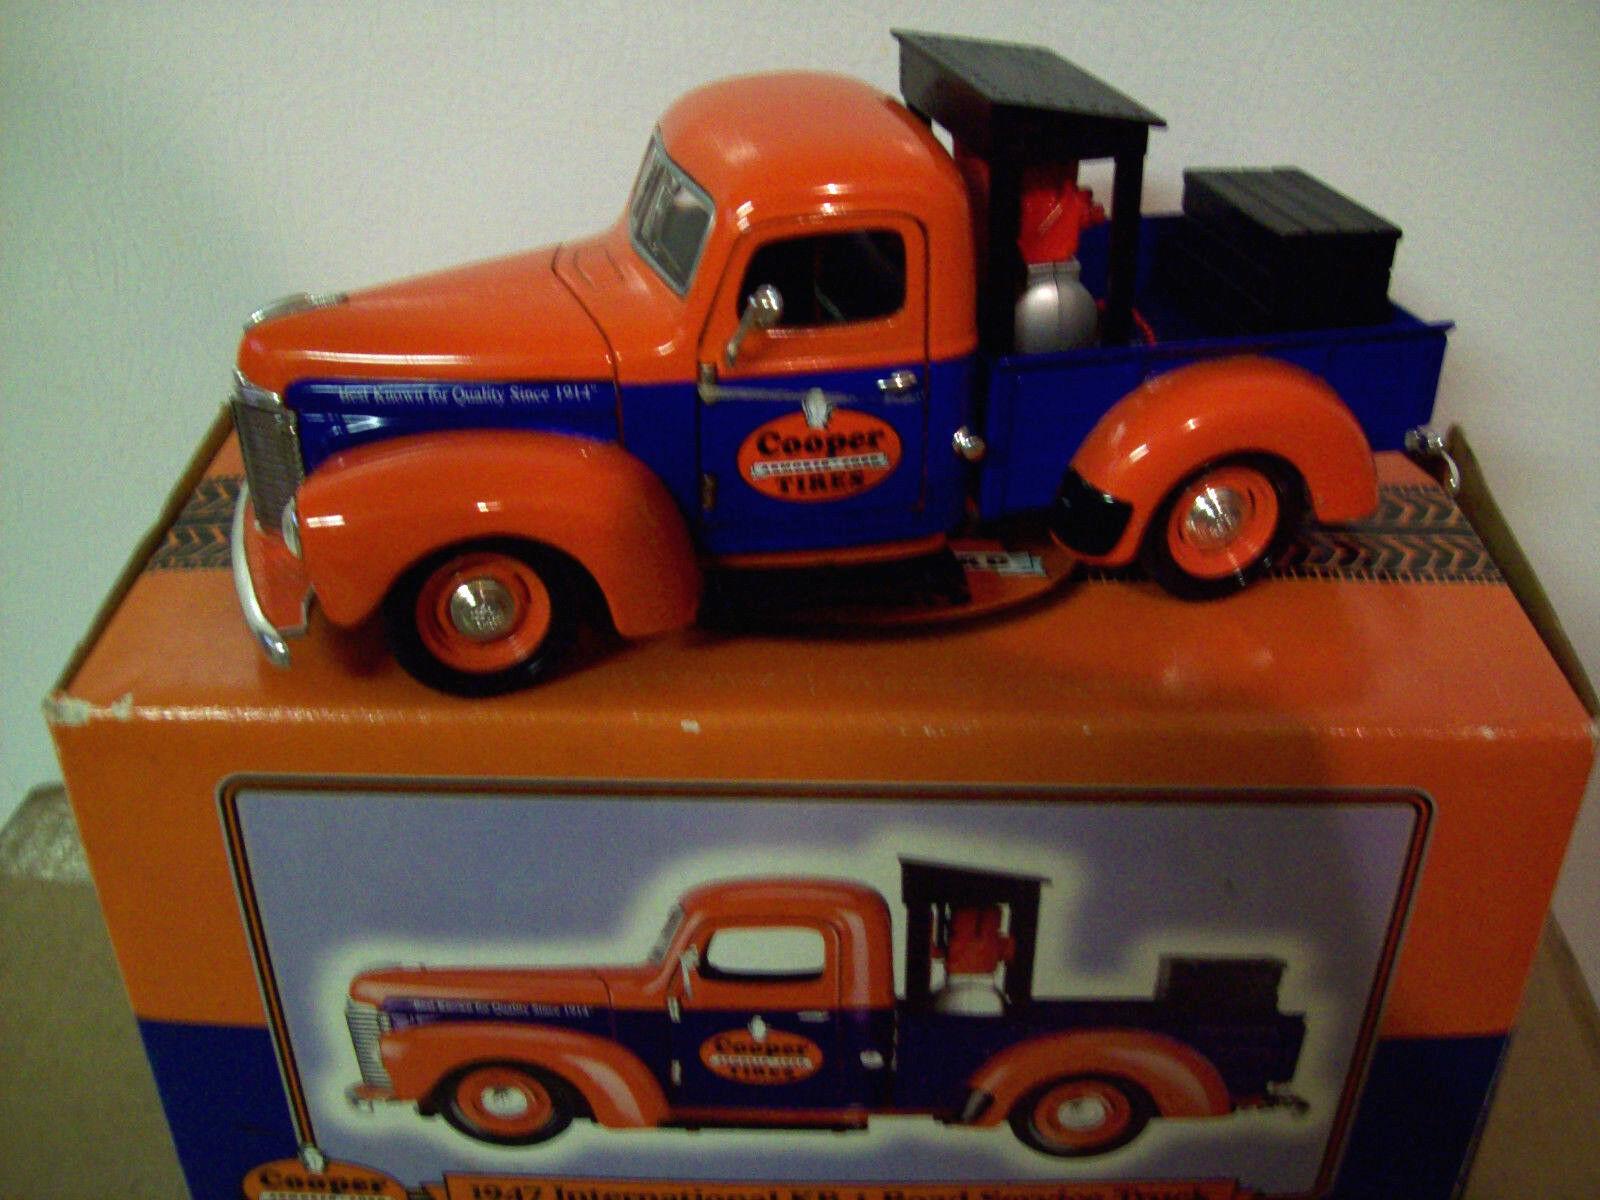 orden ahora con gran descuento y entrega gratuita Liberty Classics Cooper Neumáticos 1947 camión de servicio internacional de de de recogida de KB-1, Muy Buen Estado  barato y de alta calidad